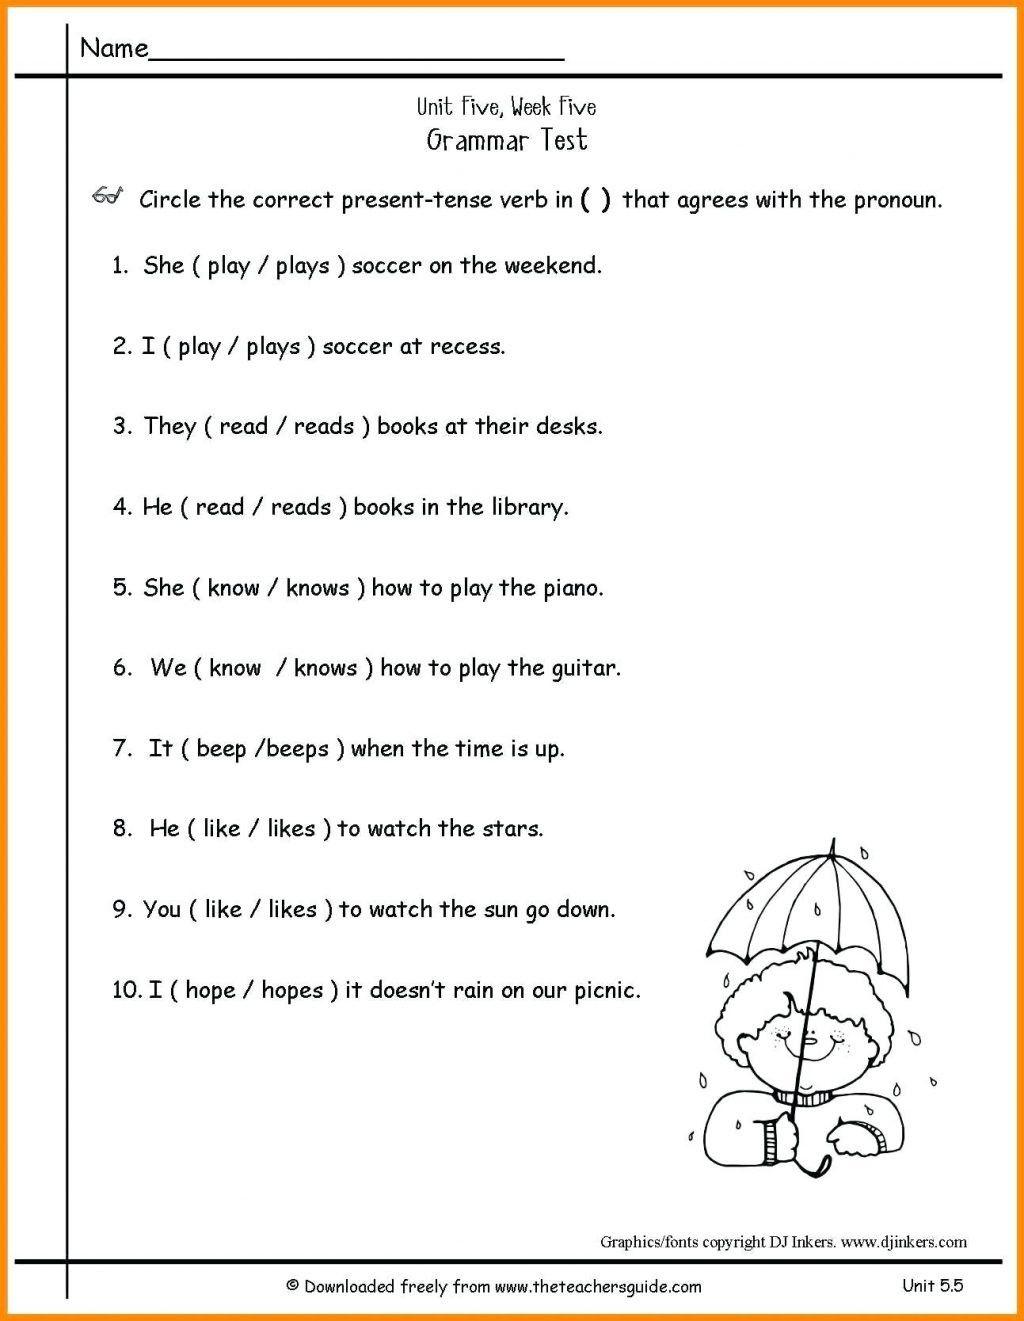 7 Preschool Reading Worksheets To Print In